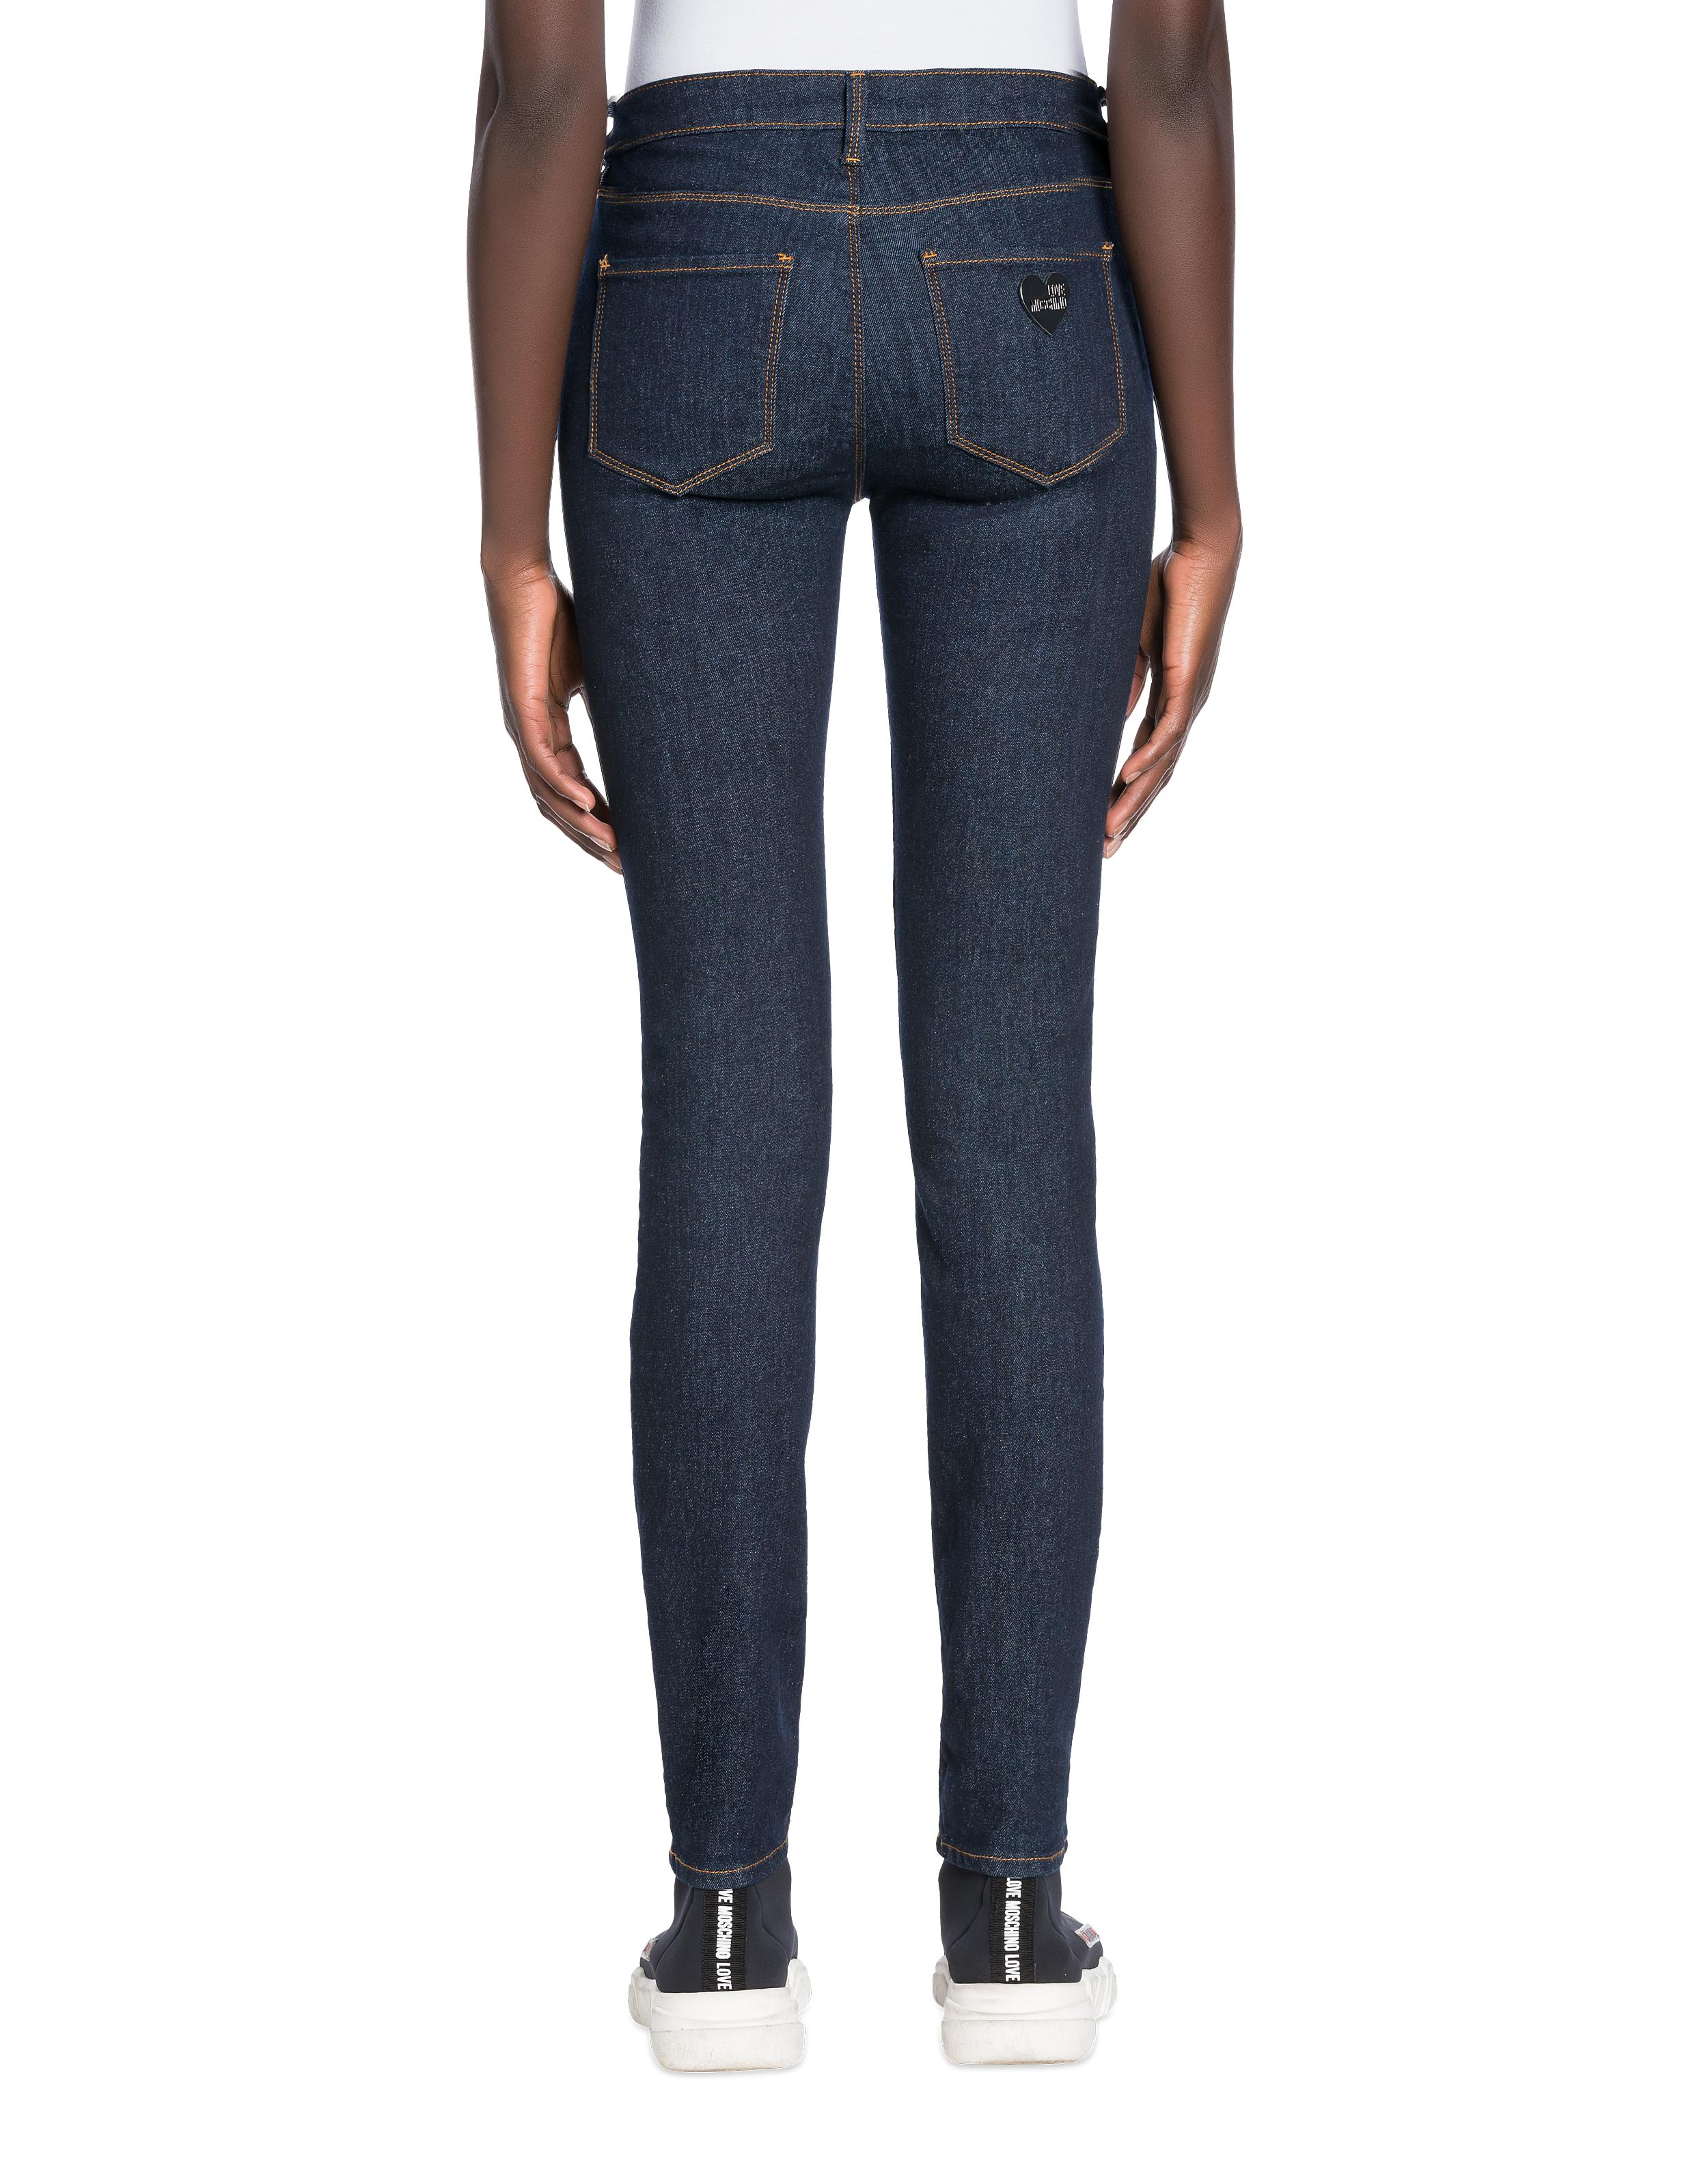 Jeans Stretch Jean Love Moschino en coloris Bleu